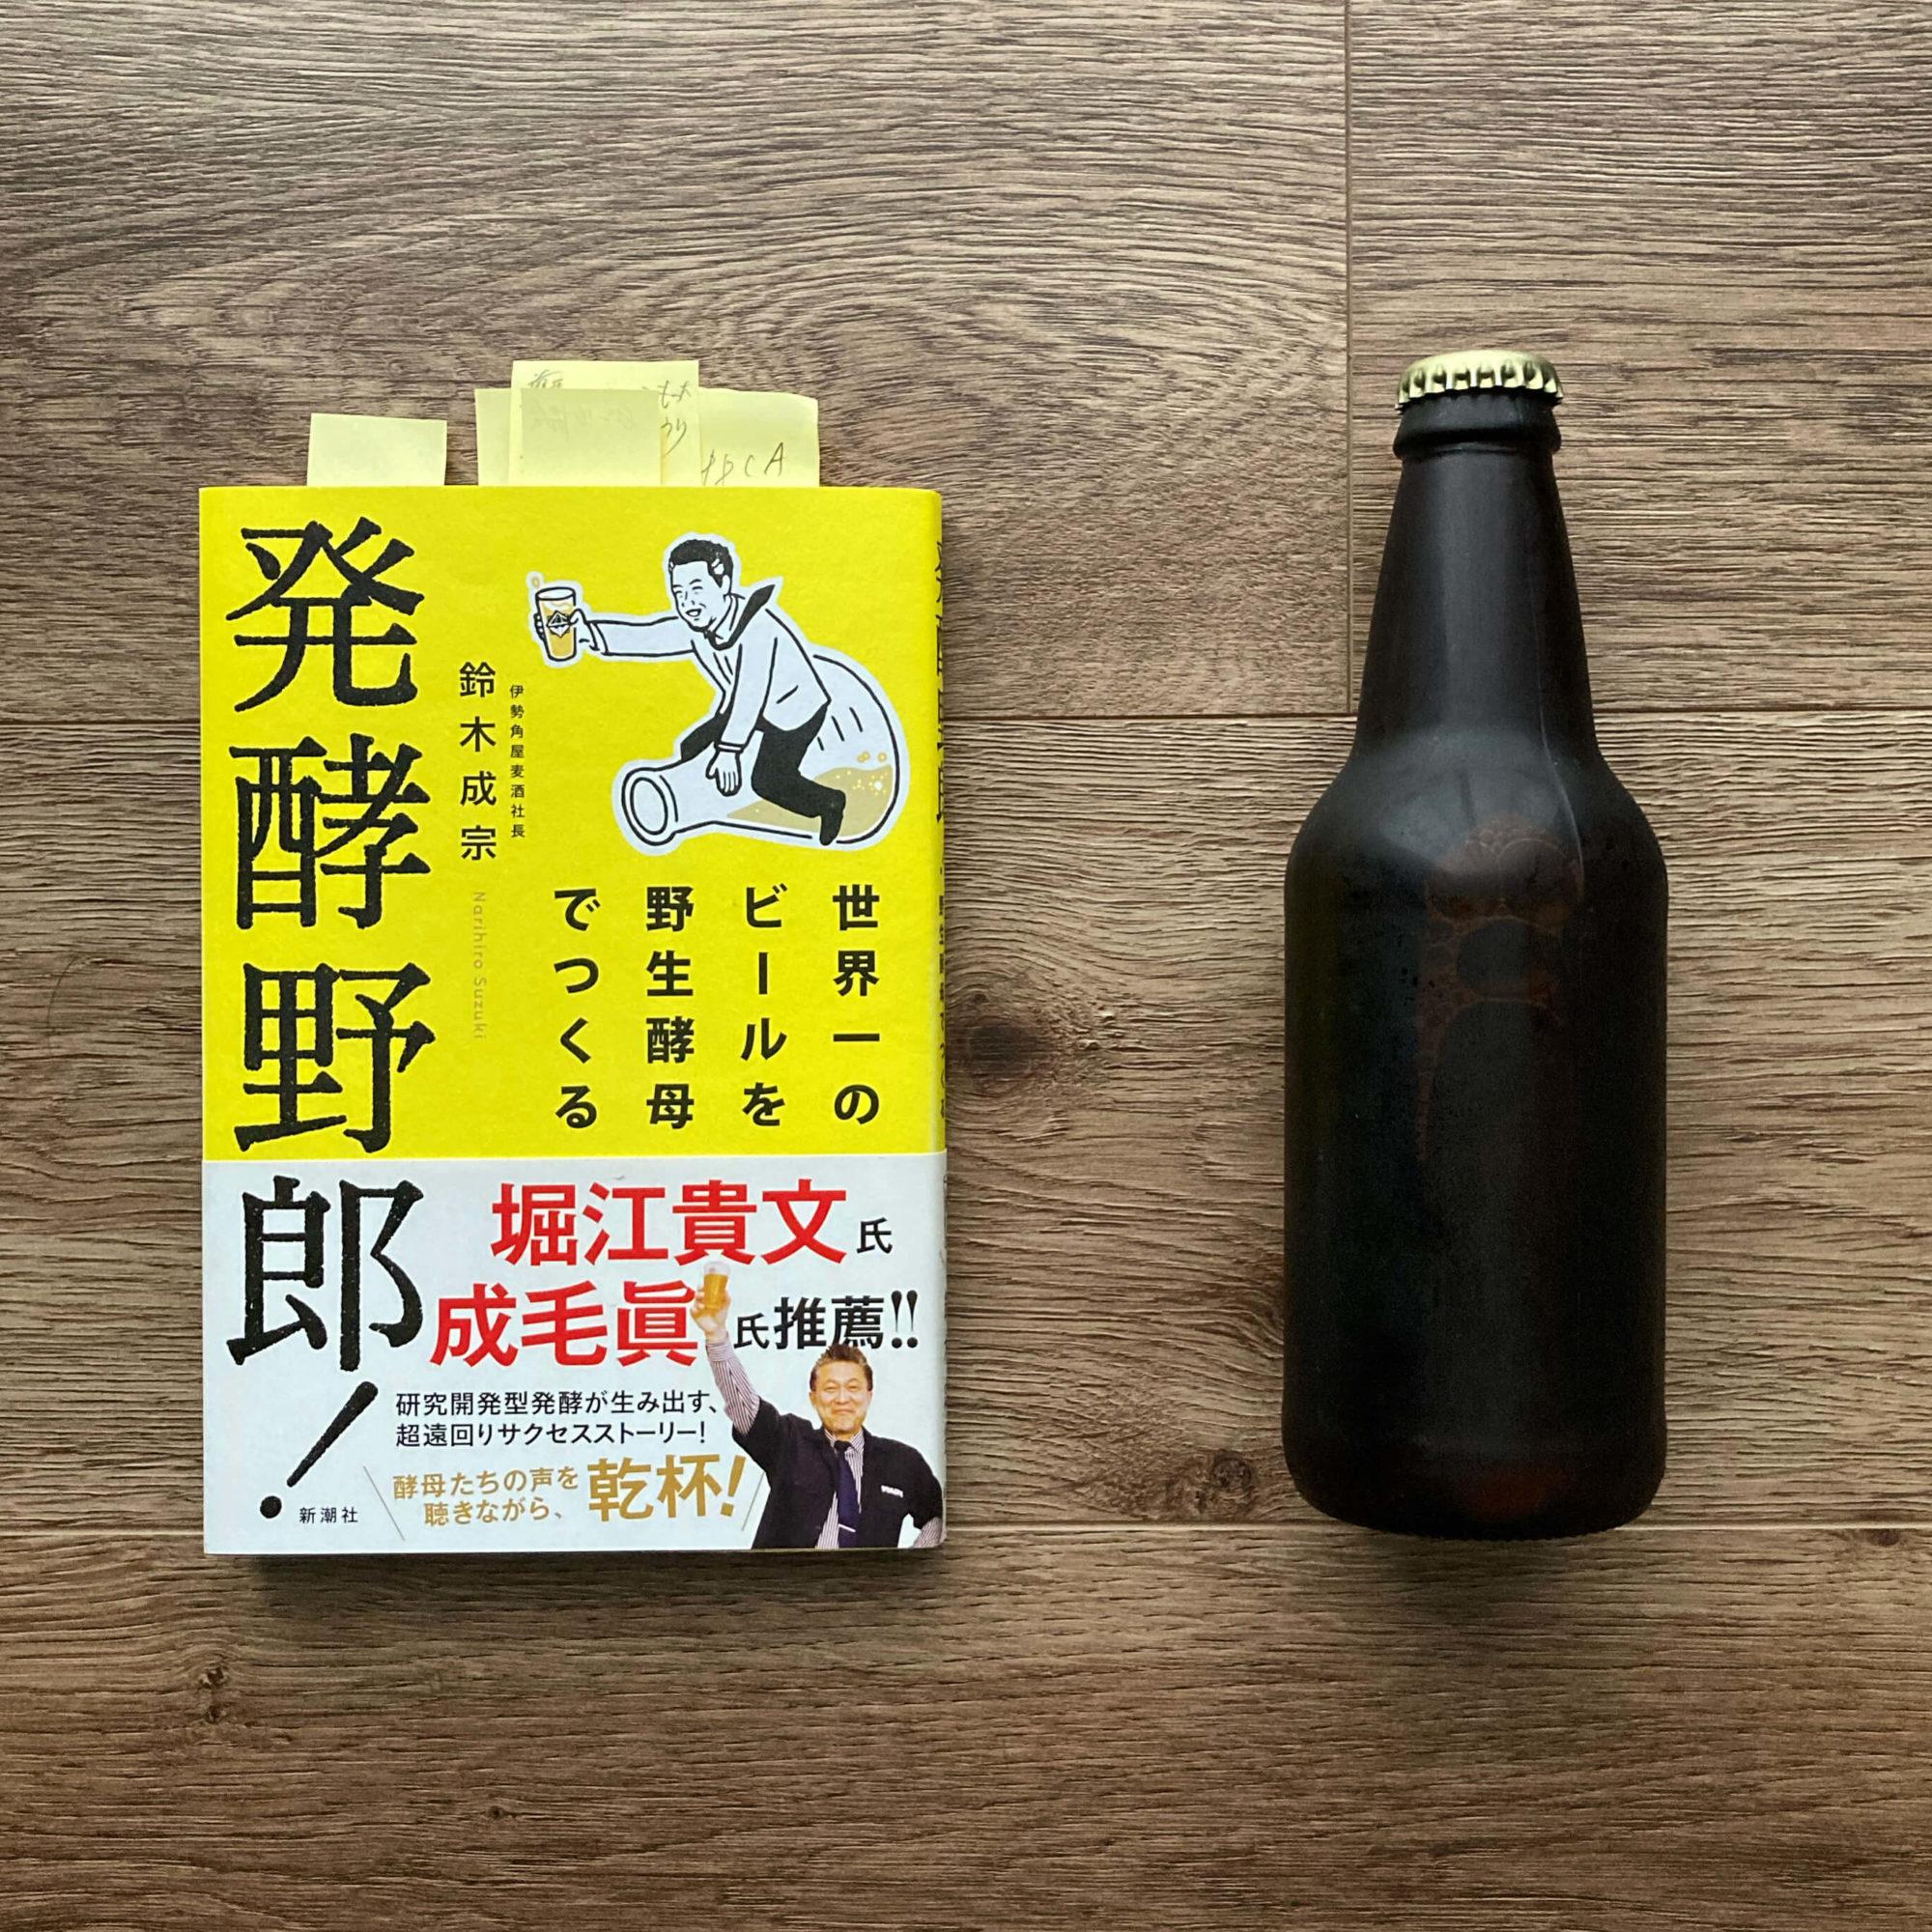 発酵野郎!という書籍の写真